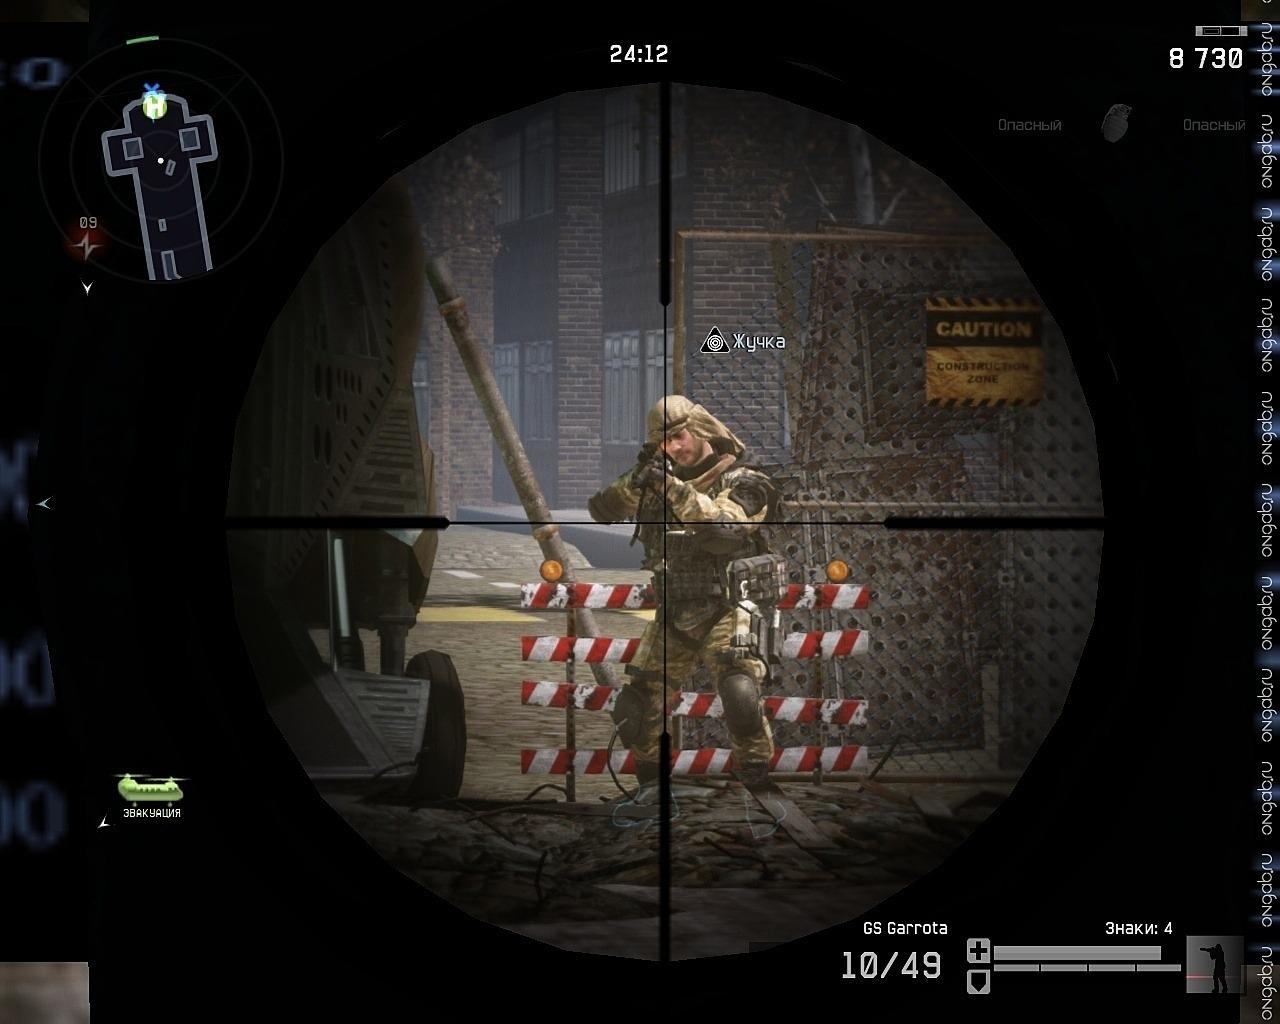 Картинки снайпера скачать